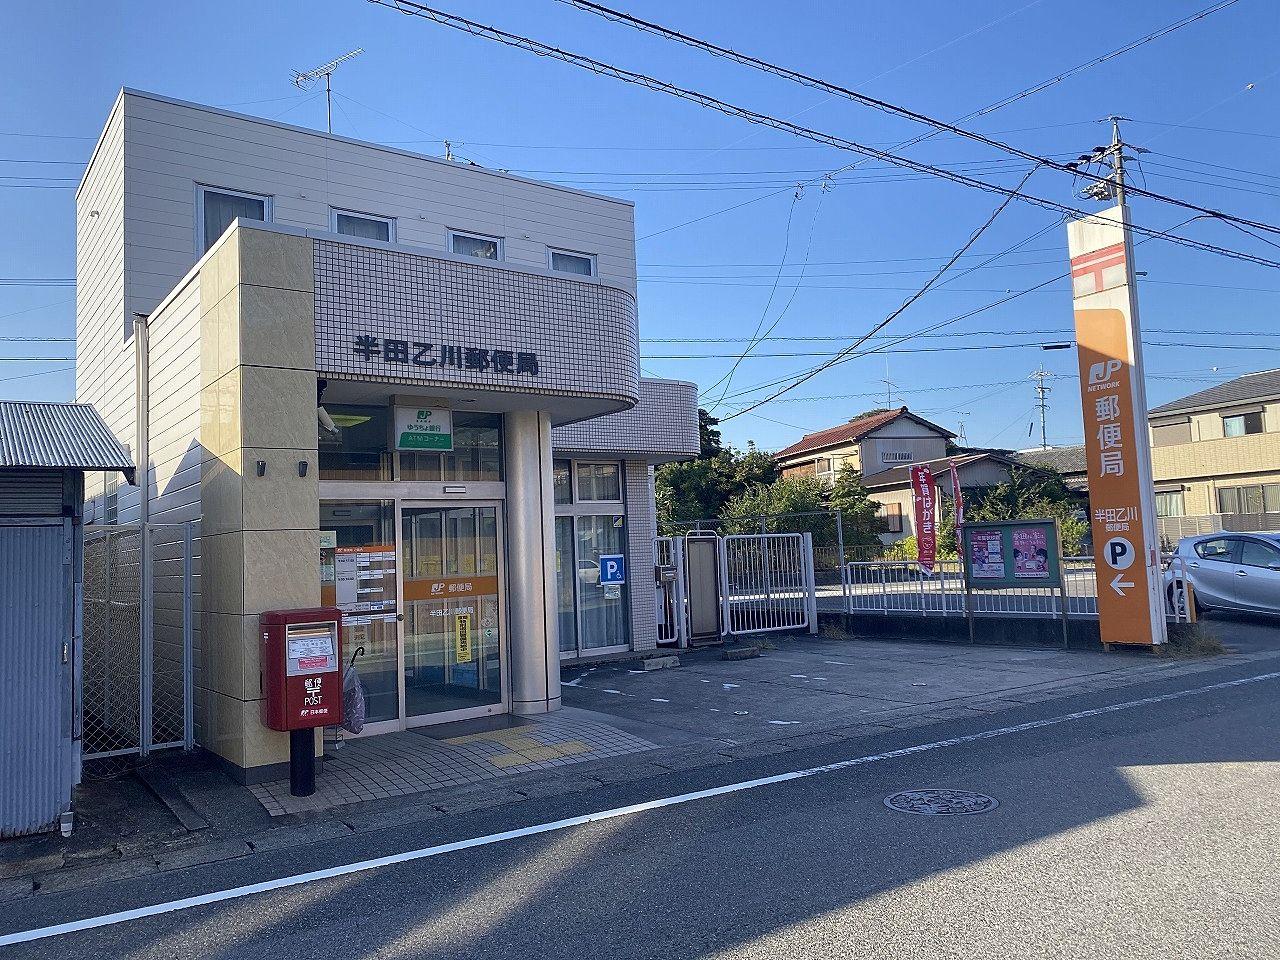 駐車場2台 ATM: 平日 9:00 ~ 17:30 土曜日 9:00 ~ 17:00 日曜日・休日 9:00 ~ 17:00